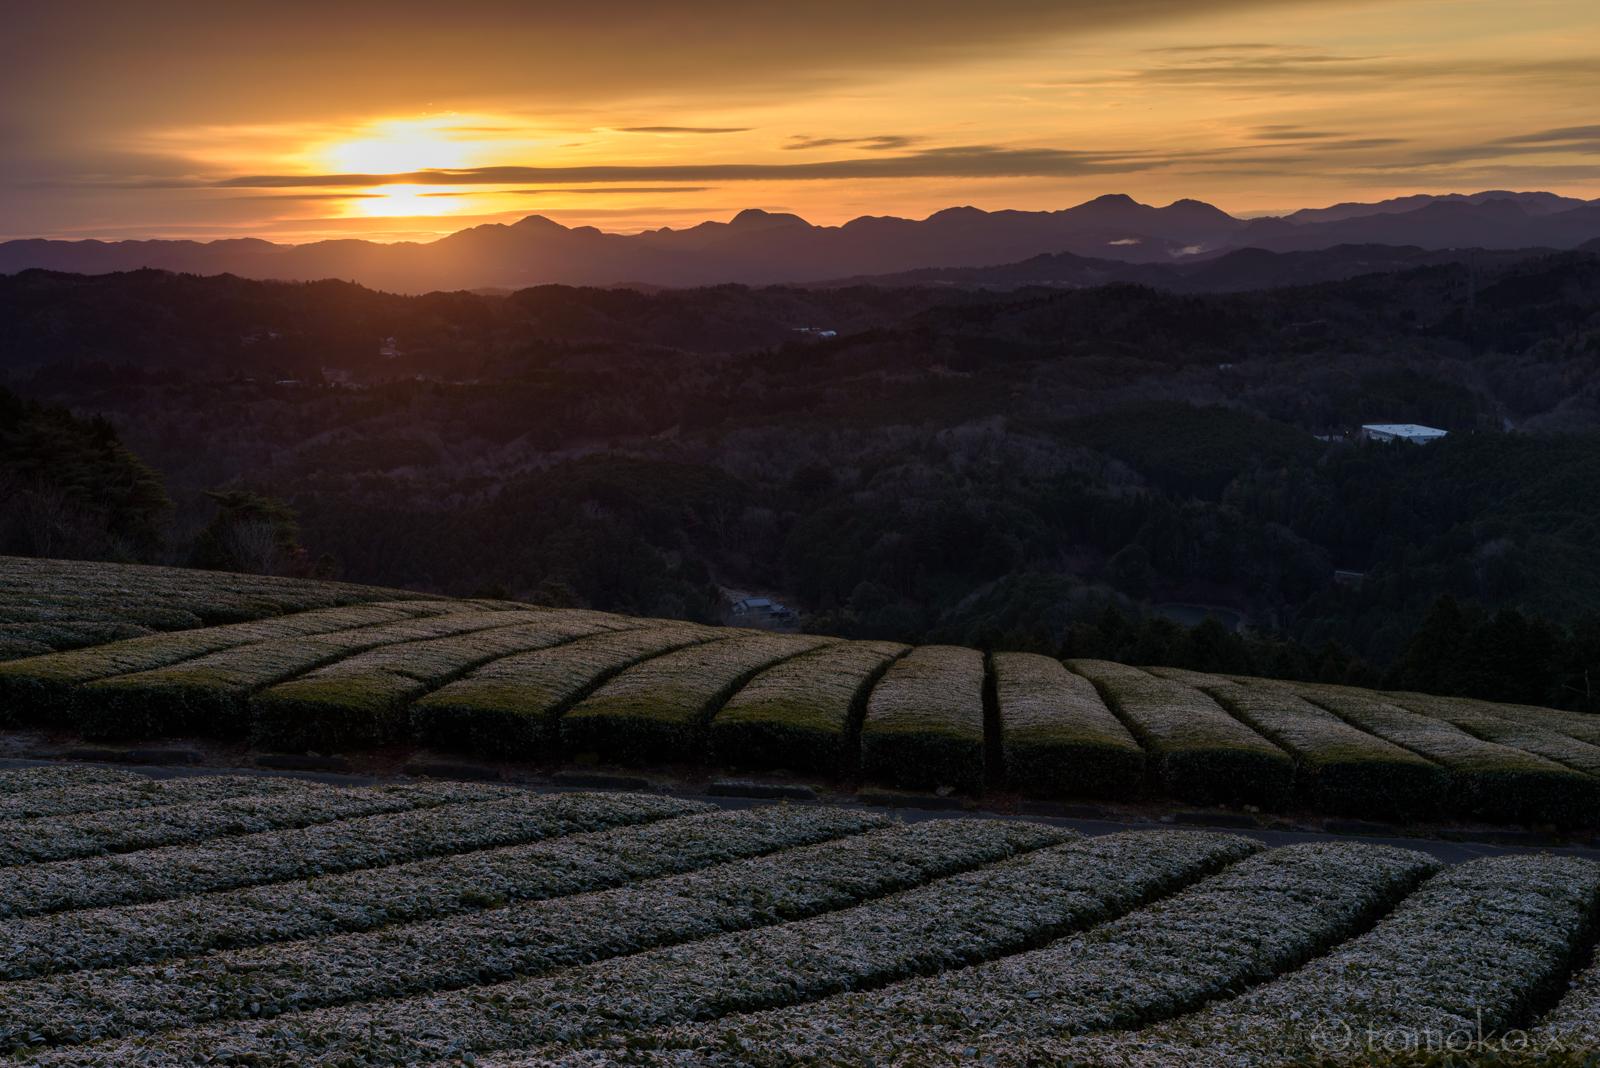 山添村は神野山の霜の降りた茶畑と日の出